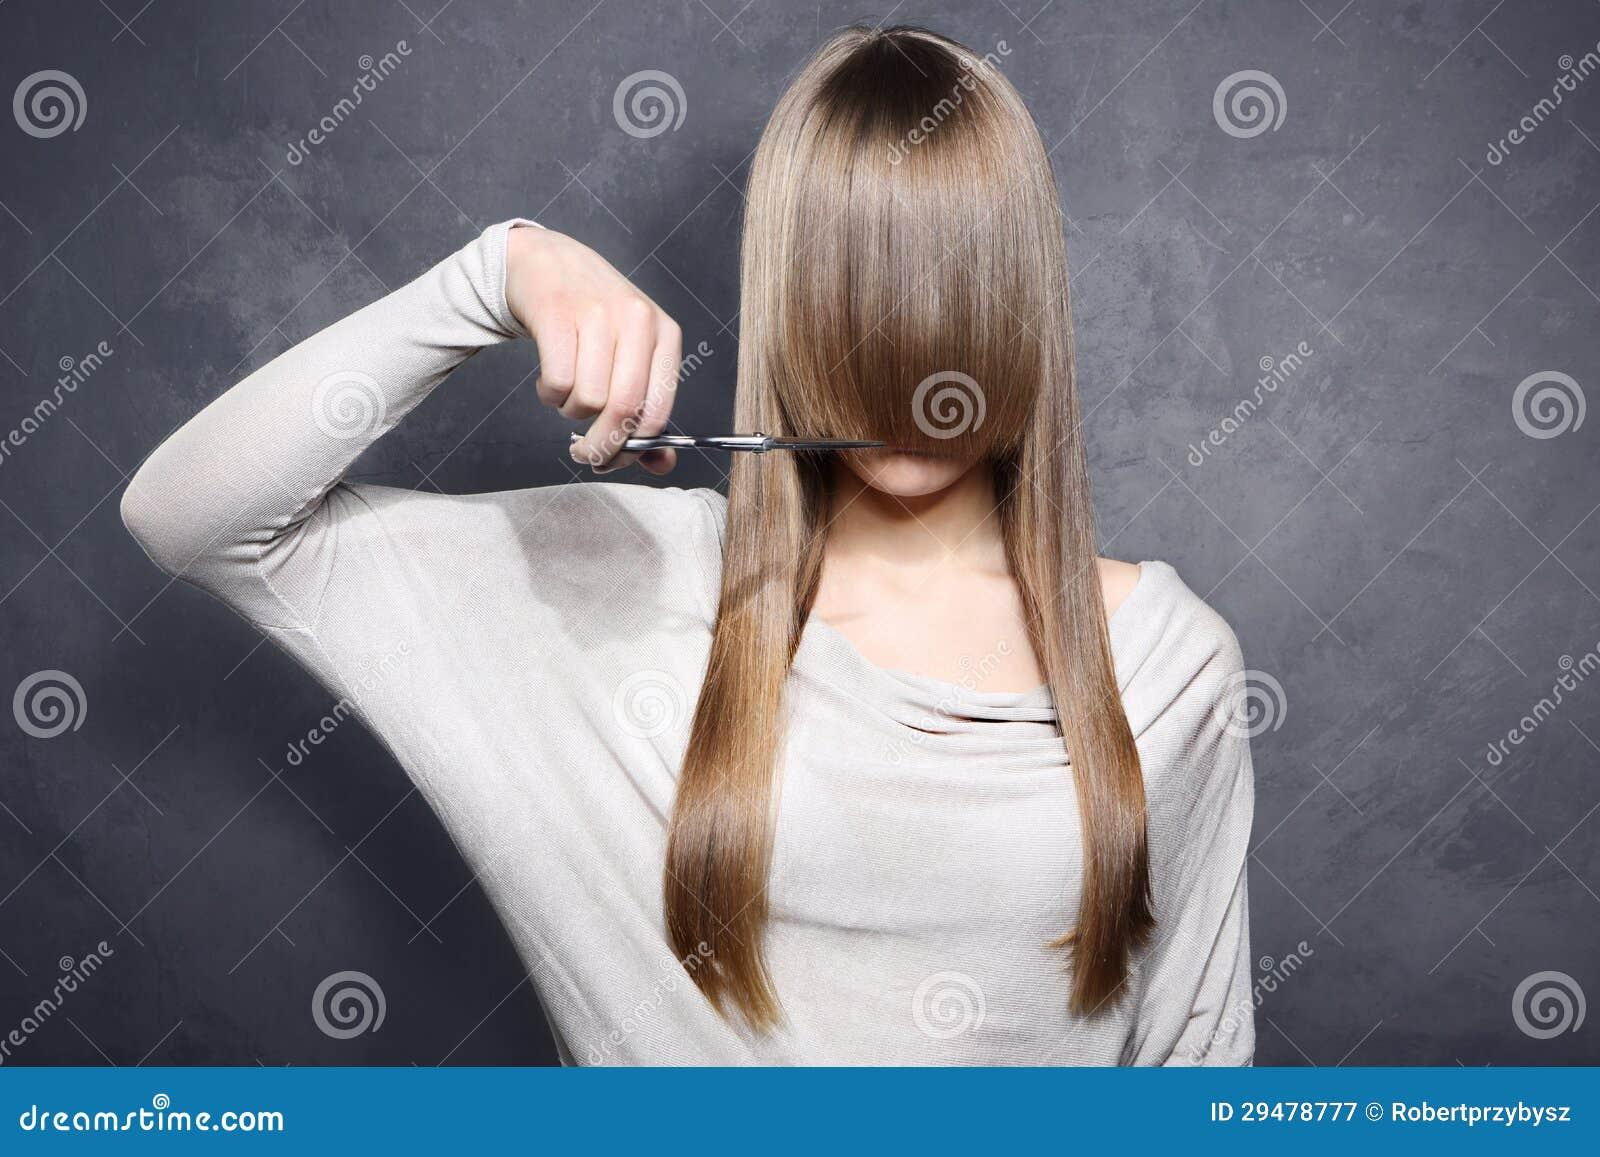 Girl on girl scissoring